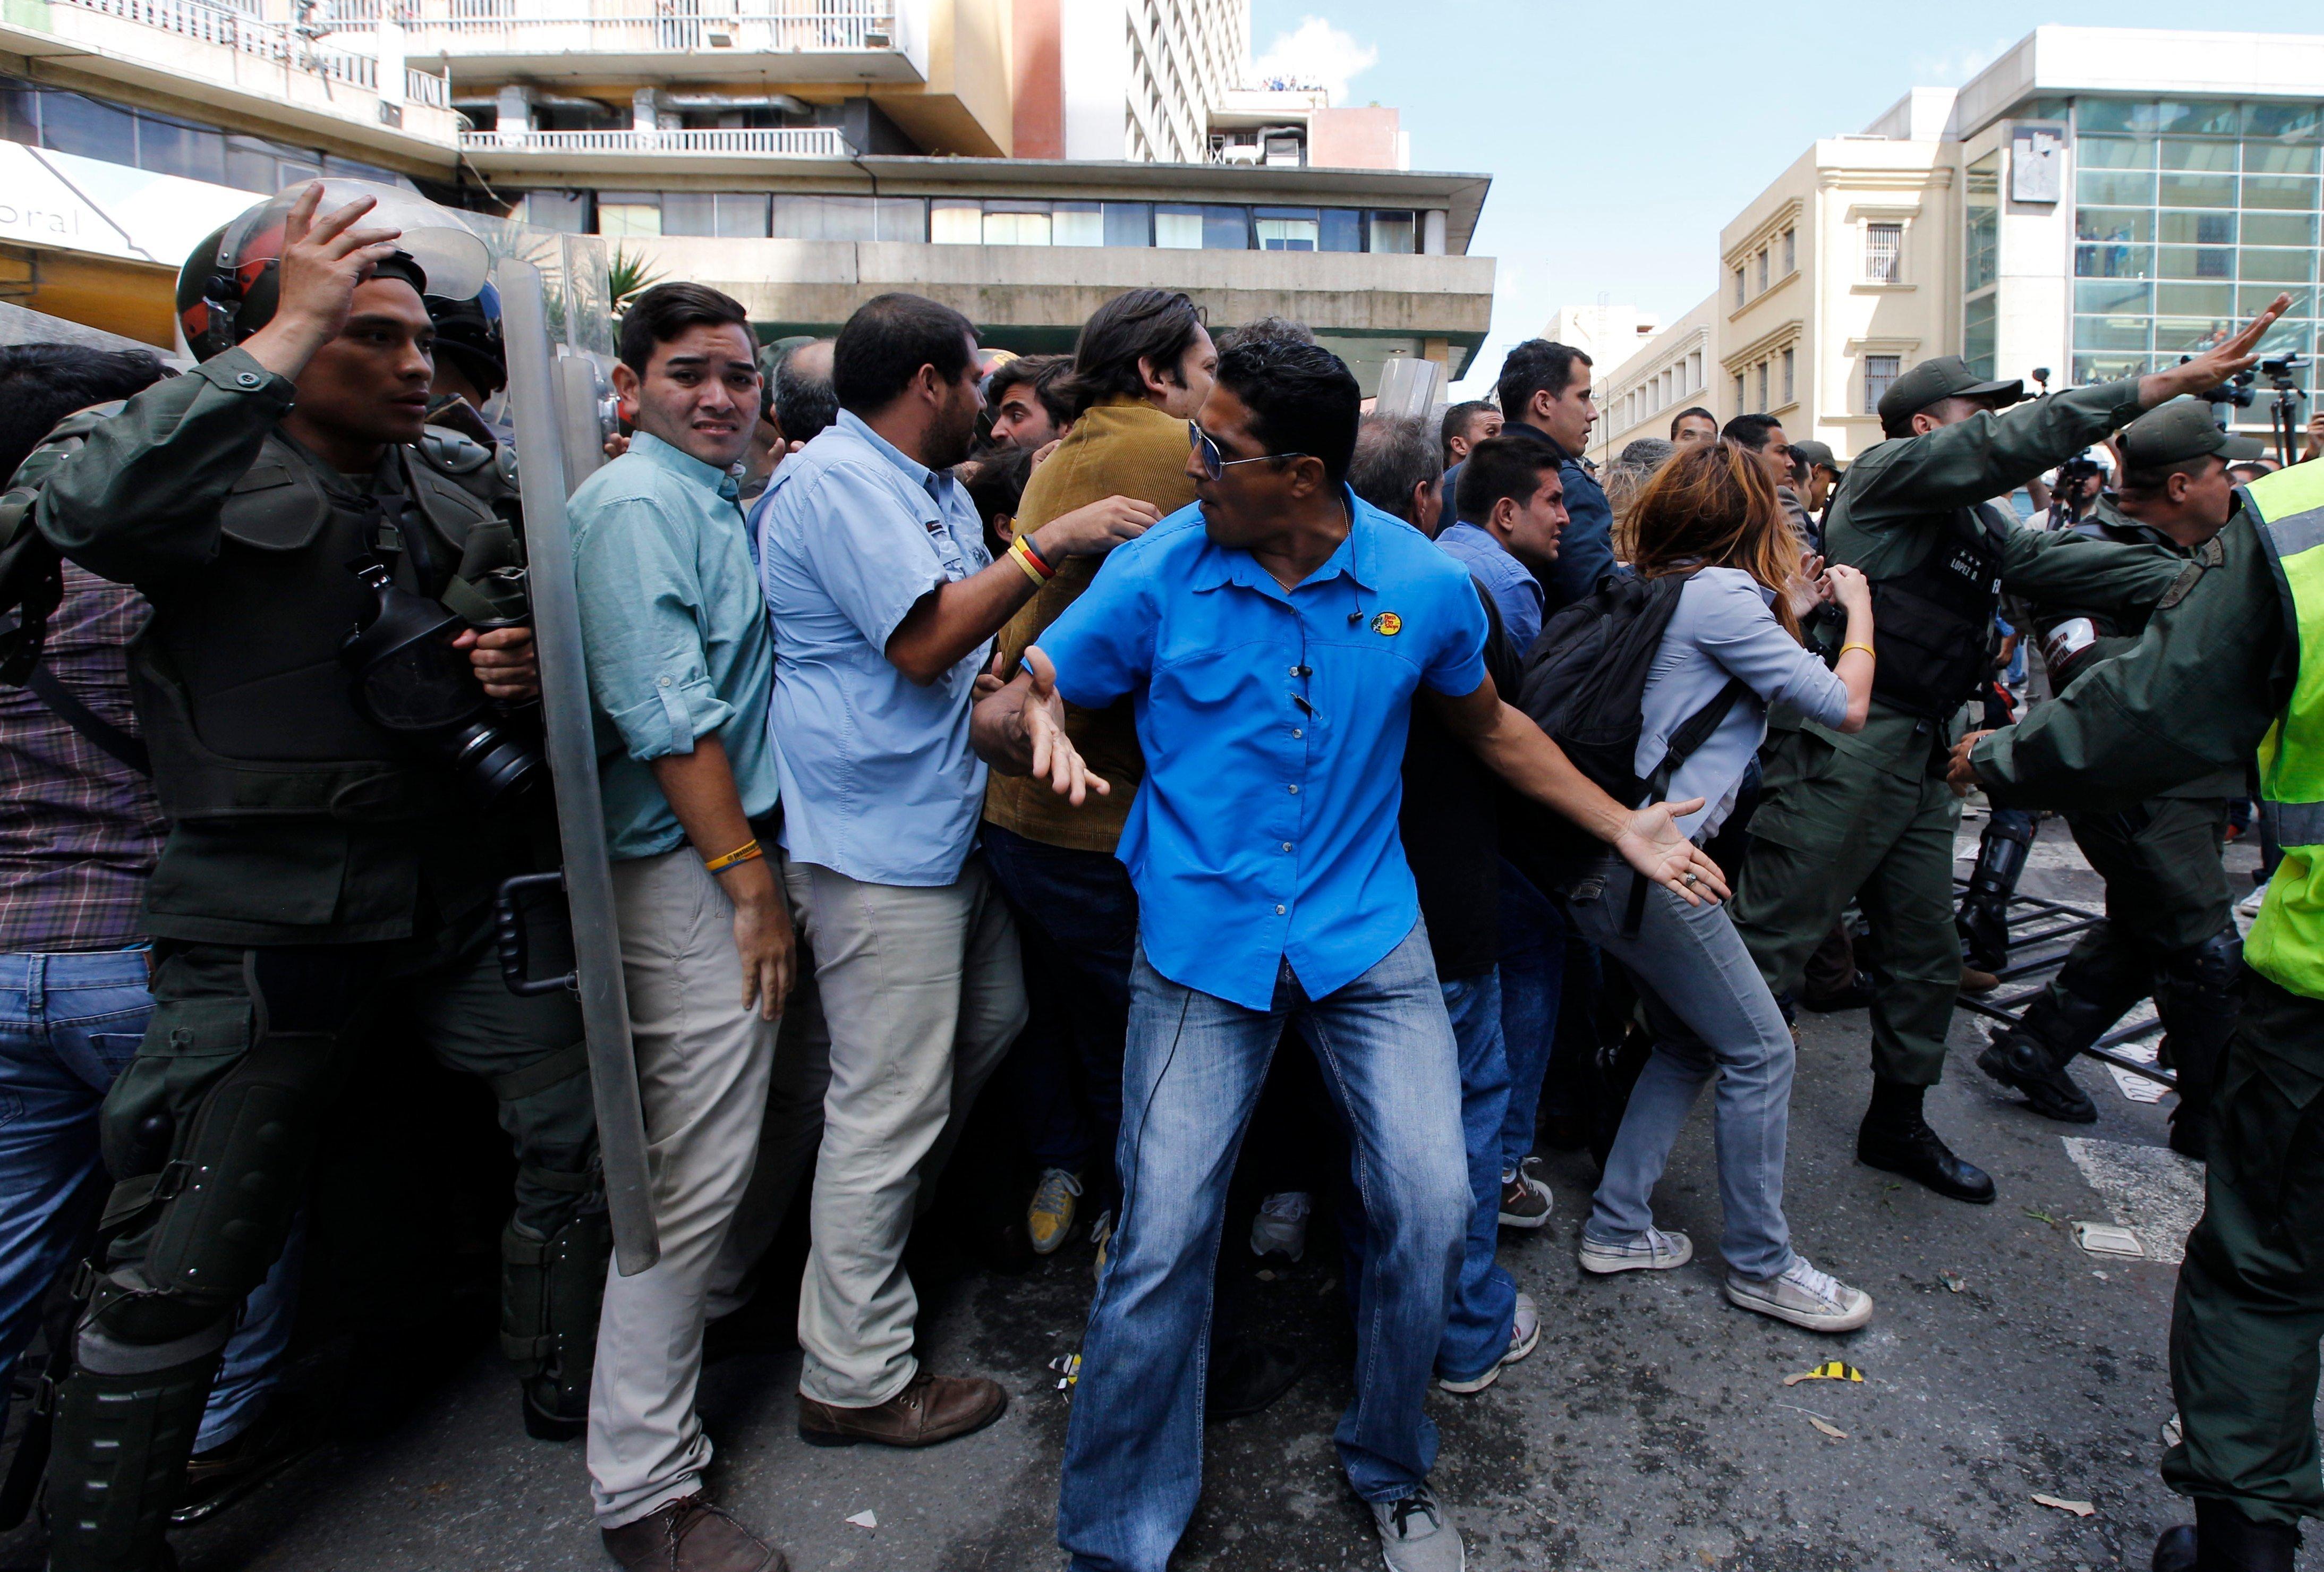 委內瑞拉的民眾在國家選舉委員會外示威抗議。(美聯社)